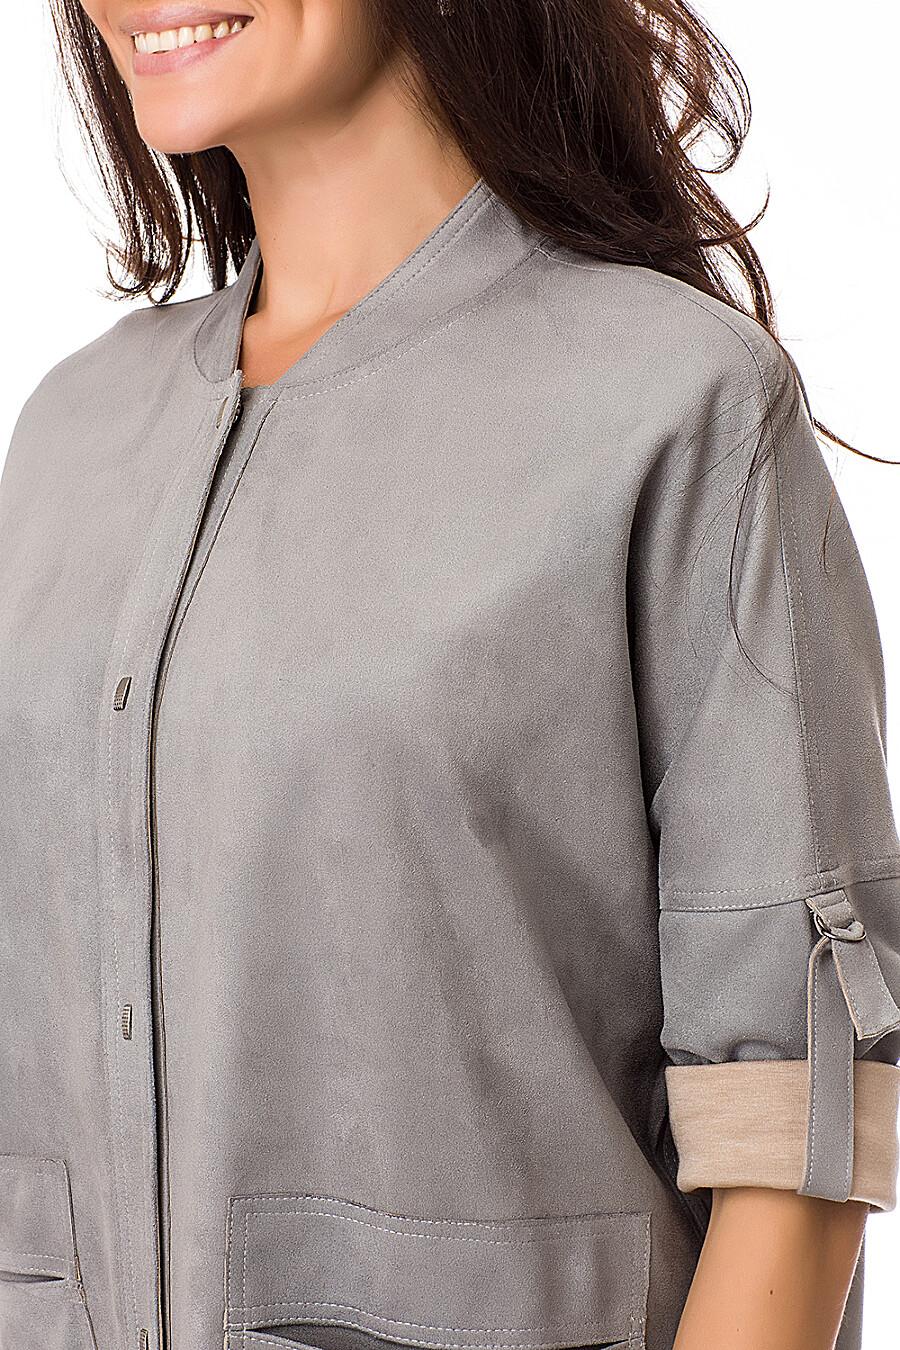 Пальто для женщин AM One 90439 купить оптом от производителя. Совместная покупка женской одежды в OptMoyo